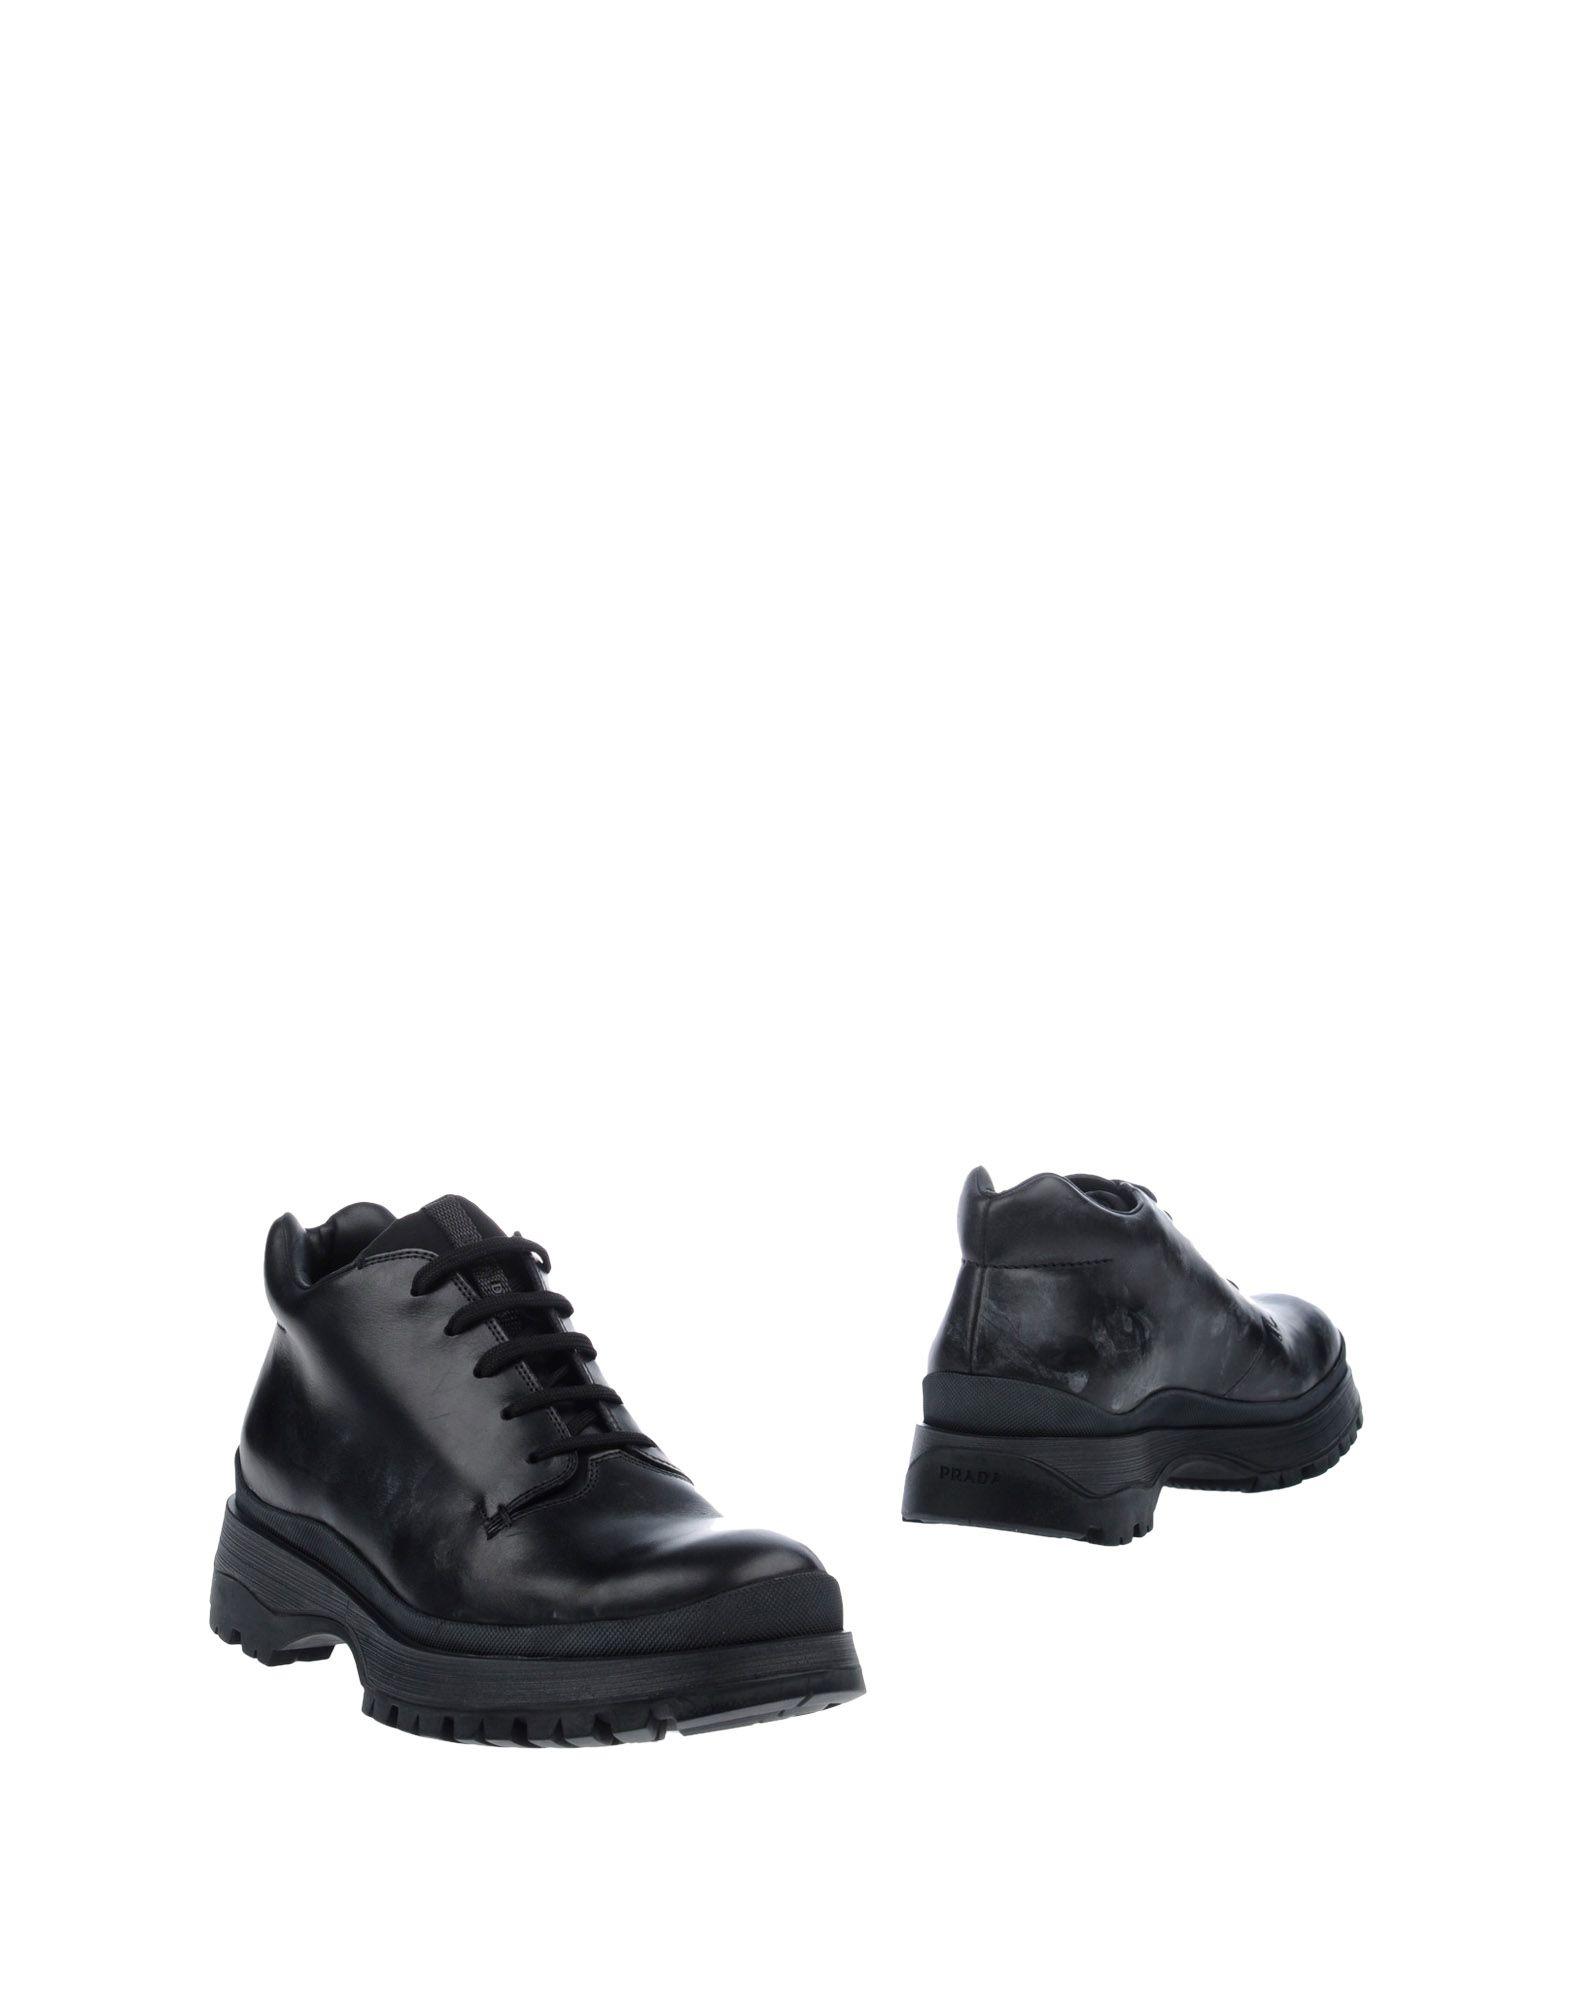 Prada Sport Stiefelette Herren  11275278NL Gute Qualität beliebte Schuhe